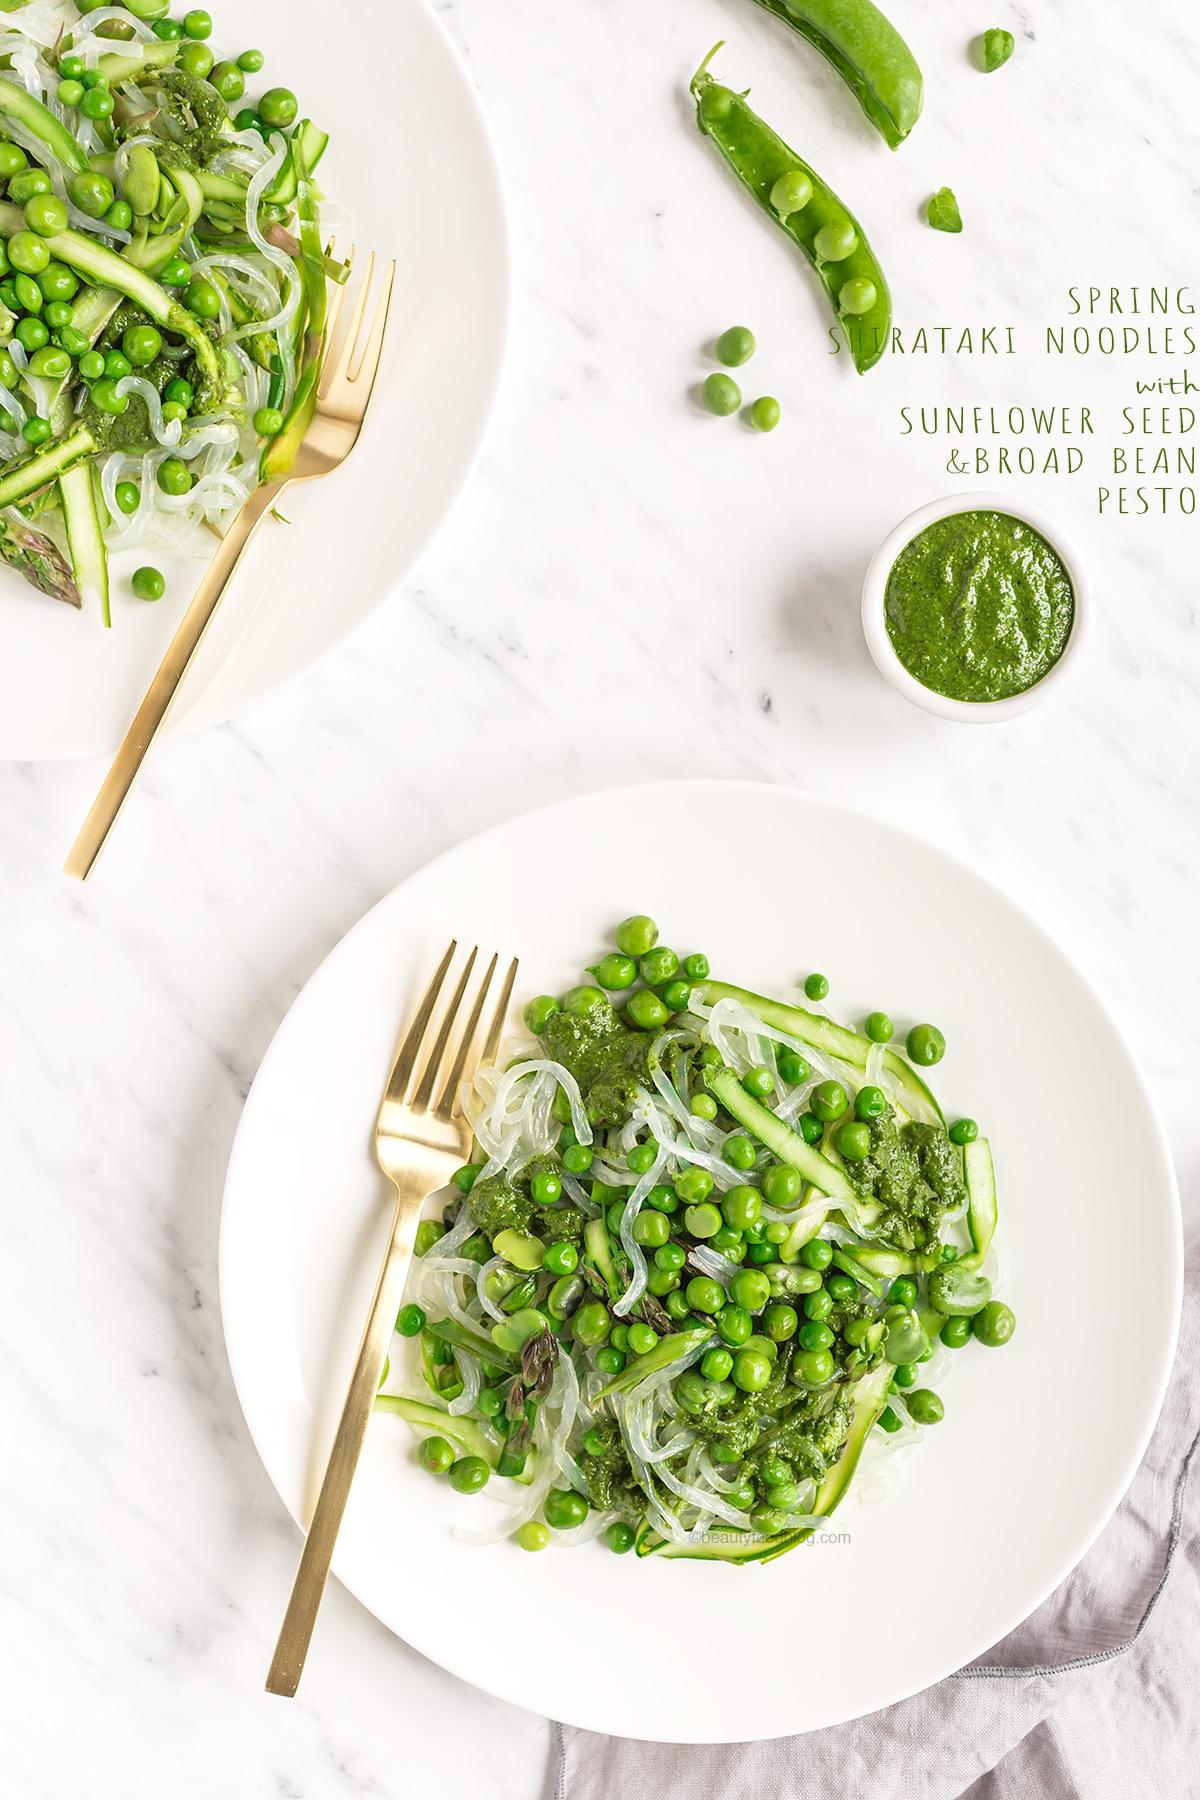 vegan peas and asparagus spring shirataki noodles with sunflower seed broad bean pesto glutenfree - ricetta shirataki noodles alle verdure con asparagi e piselli + pesto vegan di fave e semi di girasole -